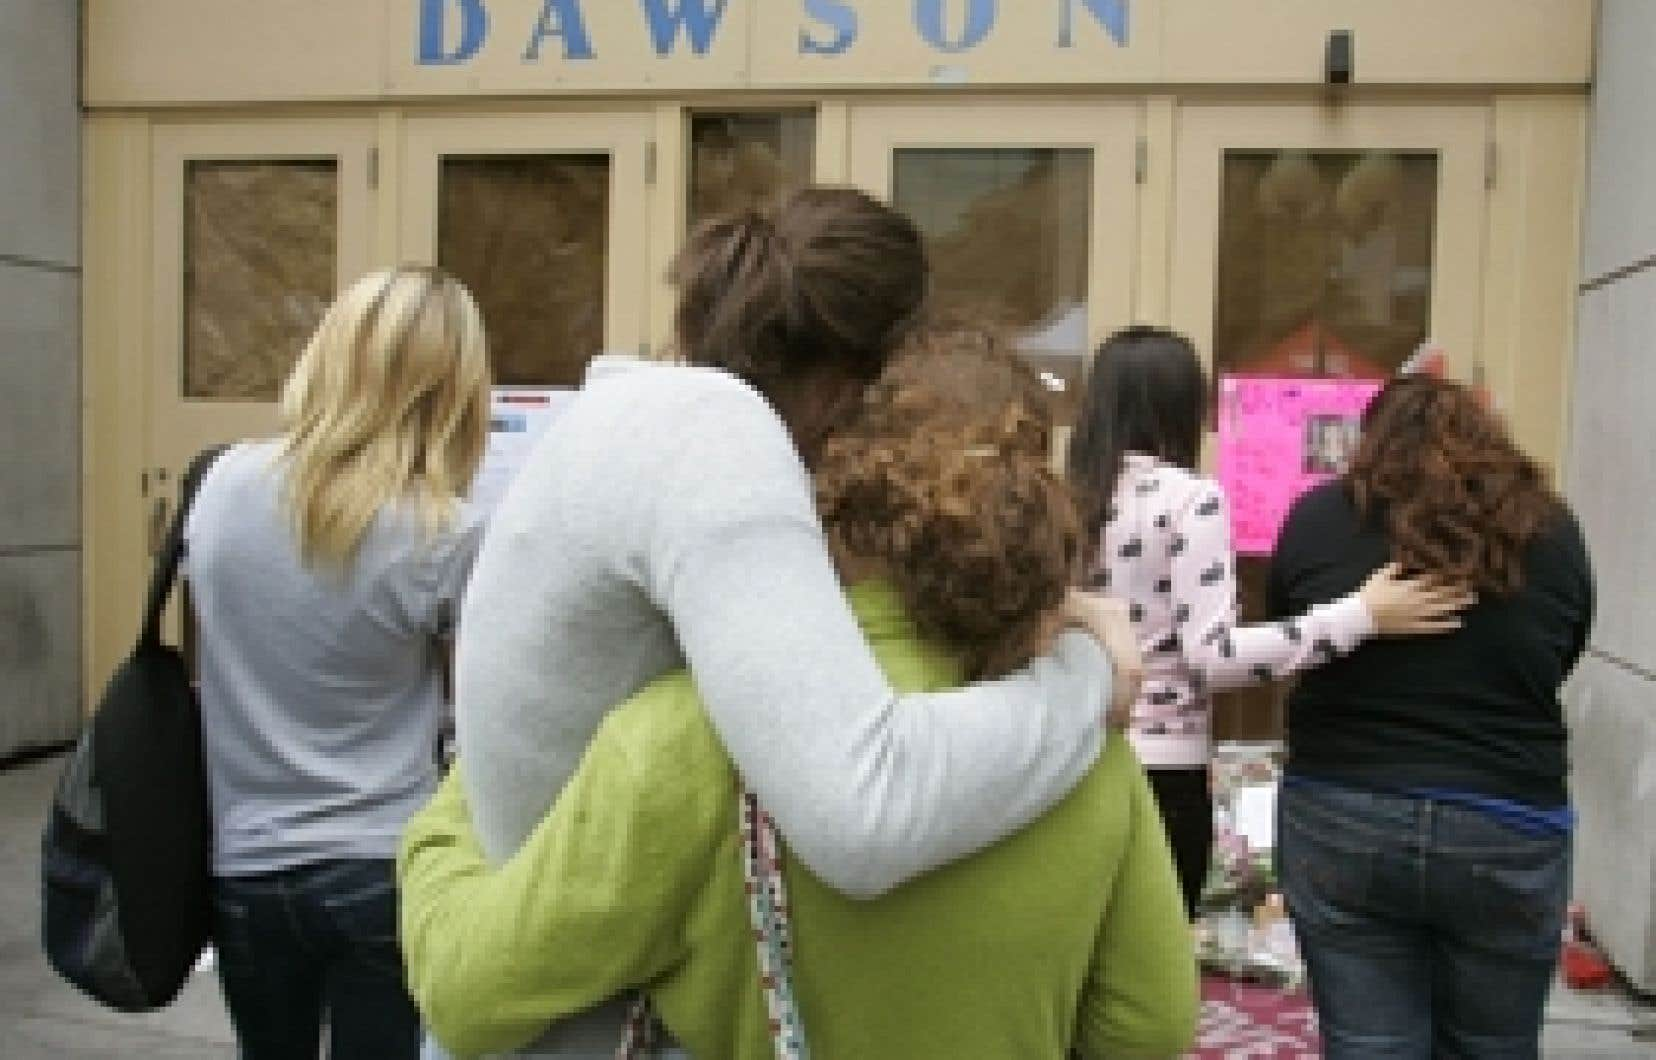 Il y a deux ans, les étudiants du Collège Dawson tentaient de se réconforter après le passage meurtrier de Kimveer Gill. Hier, le coroner Jacques Ramsay a déposé son rapport, dans lequel il louange le travail des premiers policiers arrivés sur les